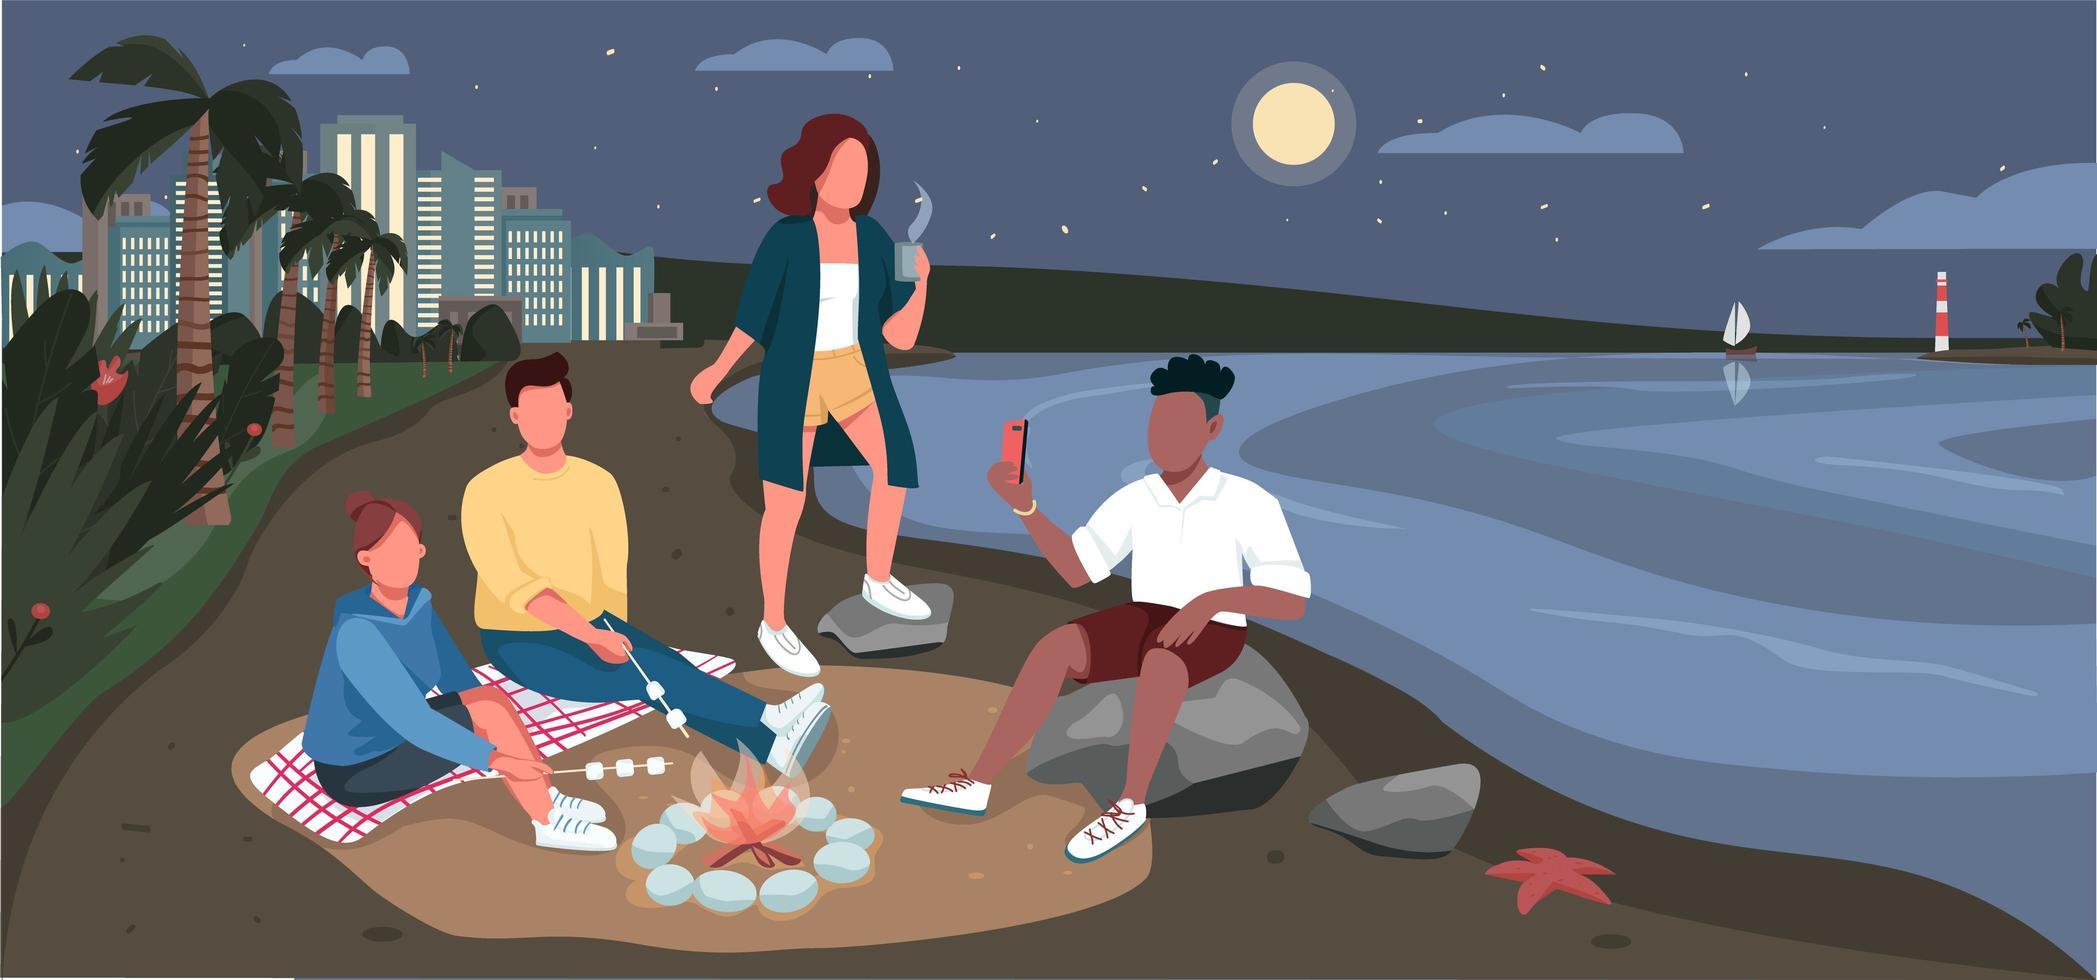 picnic serale di amici sulla spiaggia sabbiosa vettore